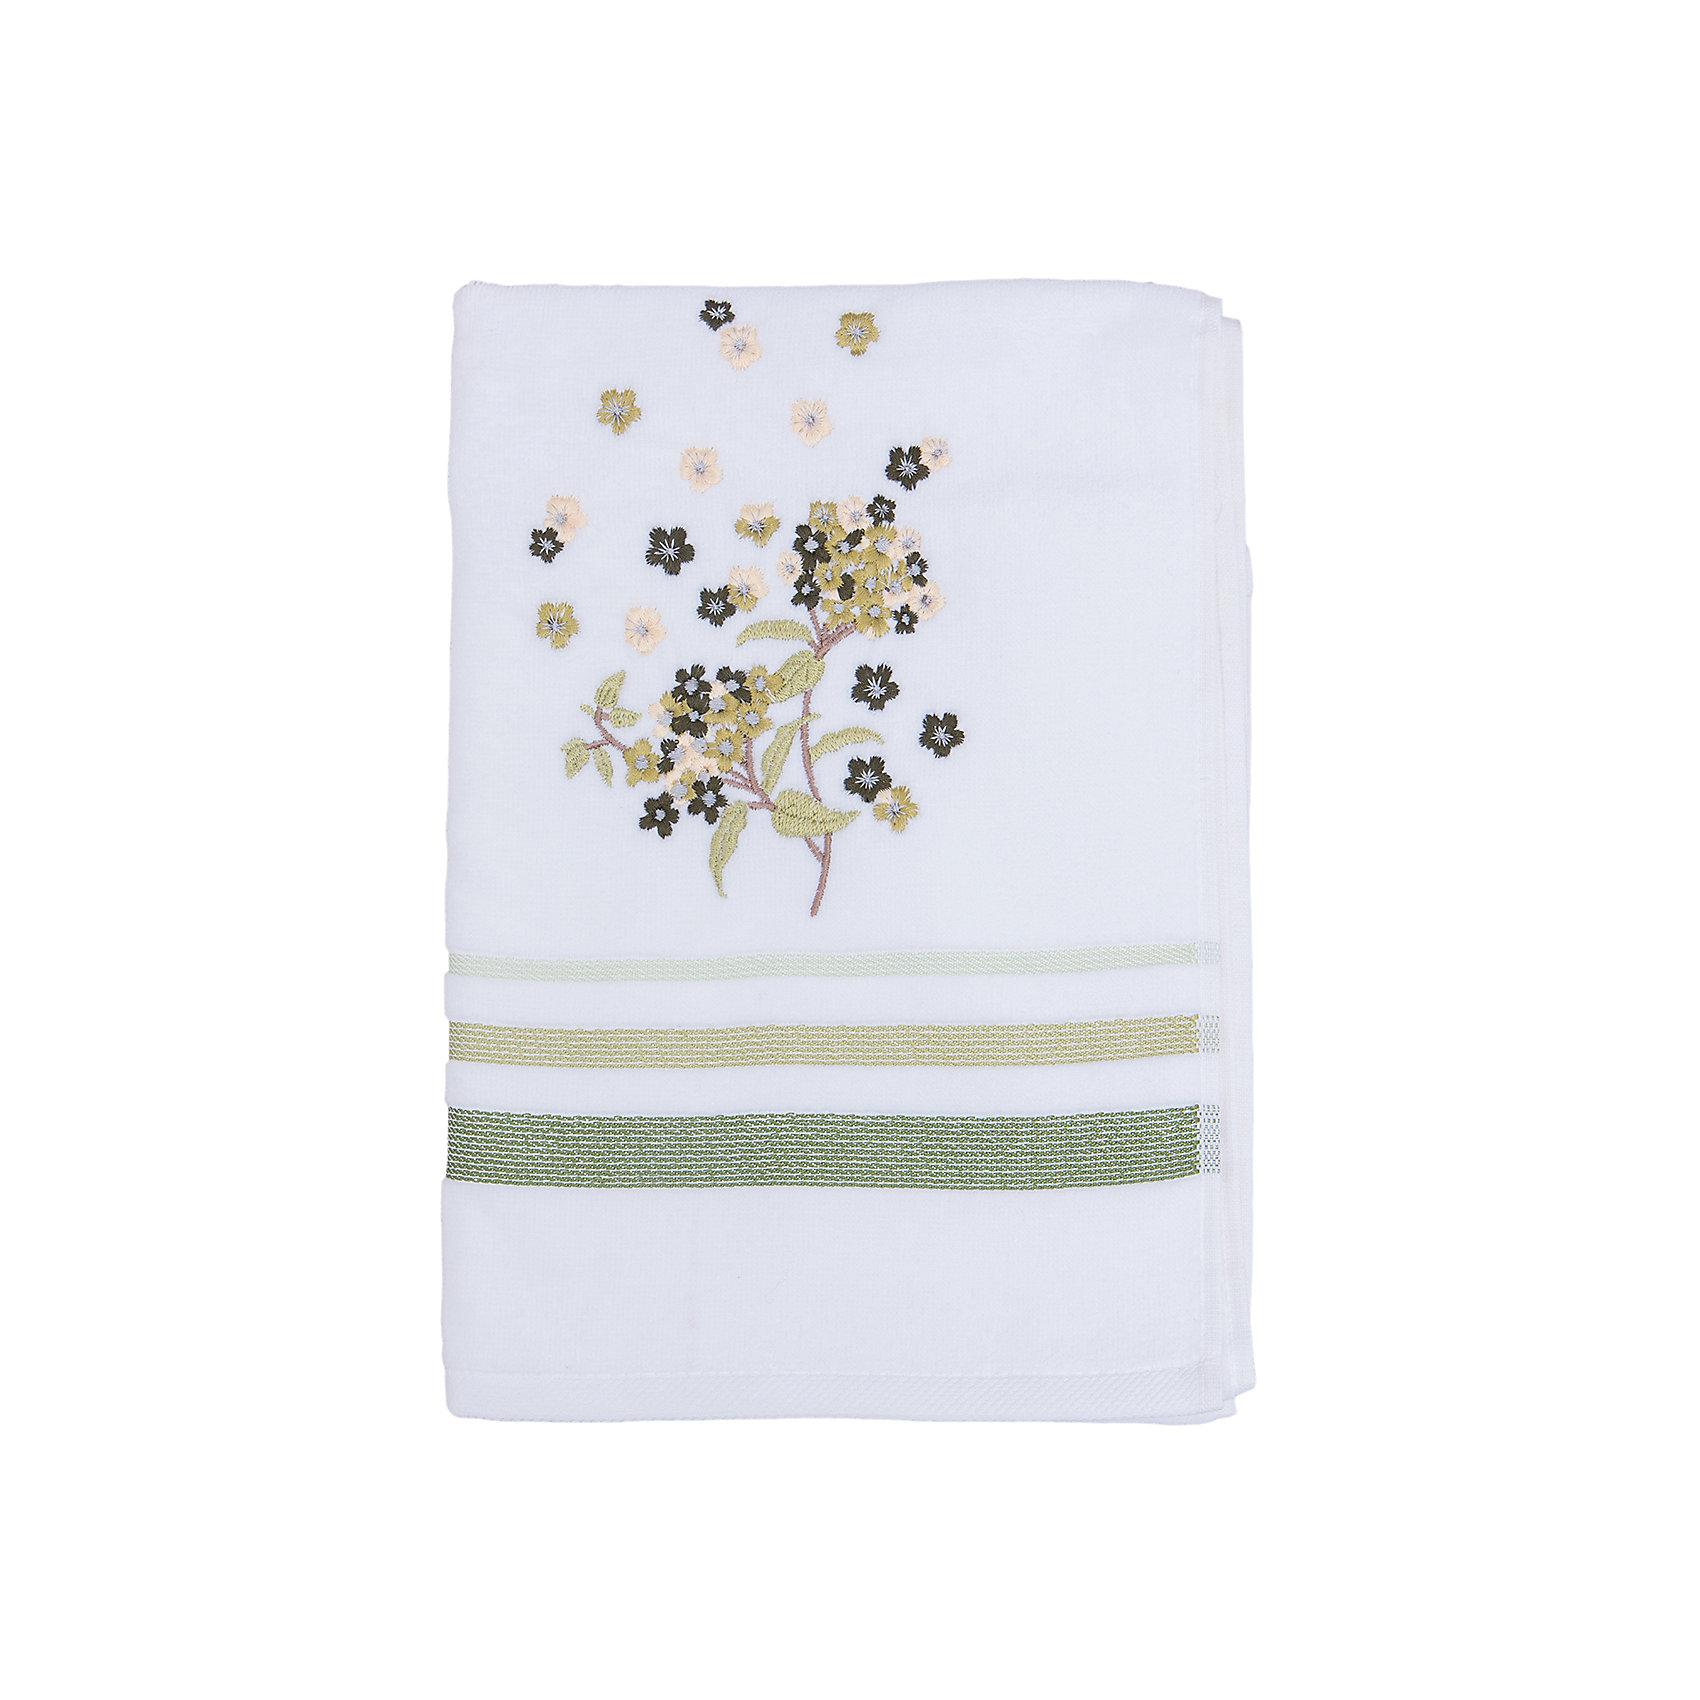 Полотенце подарочное FUSION махровое 50*90, TAC, зеленыйВанная комната<br>Характеристика: <br><br>- Материал: махра (100% хлопок).<br>- Размер: 50х90 см.<br>- Плотность: 450гр/м2.<br>- Размер упаковки: 24х3х33 см.<br>- Цвет: зеленый.<br><br>Яркое и в тоже время нежное махровое полотенце будет прекрасным подарком к любому празднику!<br><br>Полотенце подарочное FUSION махровое, можно купить в нашем магазине.<br><br>Ширина мм: 240<br>Глубина мм: 30<br>Высота мм: 330<br>Вес г: 400<br>Возраст от месяцев: 0<br>Возраст до месяцев: 84<br>Пол: Унисекс<br>Возраст: Детский<br>SKU: 5124065